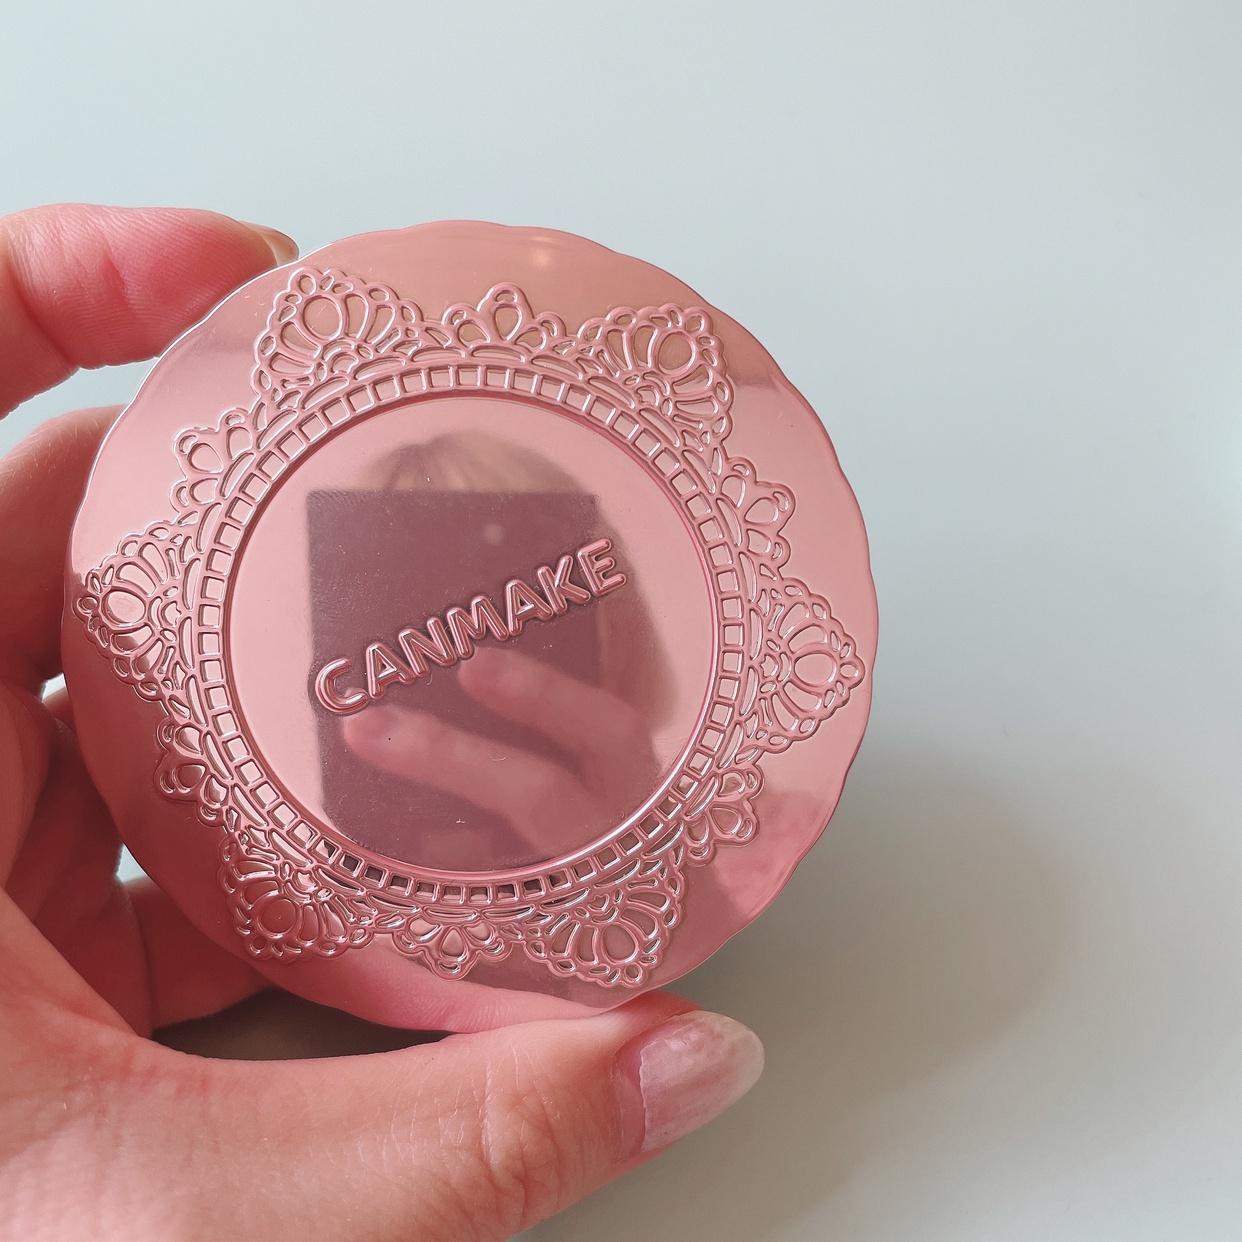 CANMAKE(キャンメイク)トランスペアレントフィニッシュパウダーを使ったさーなさんのクチコミ画像2